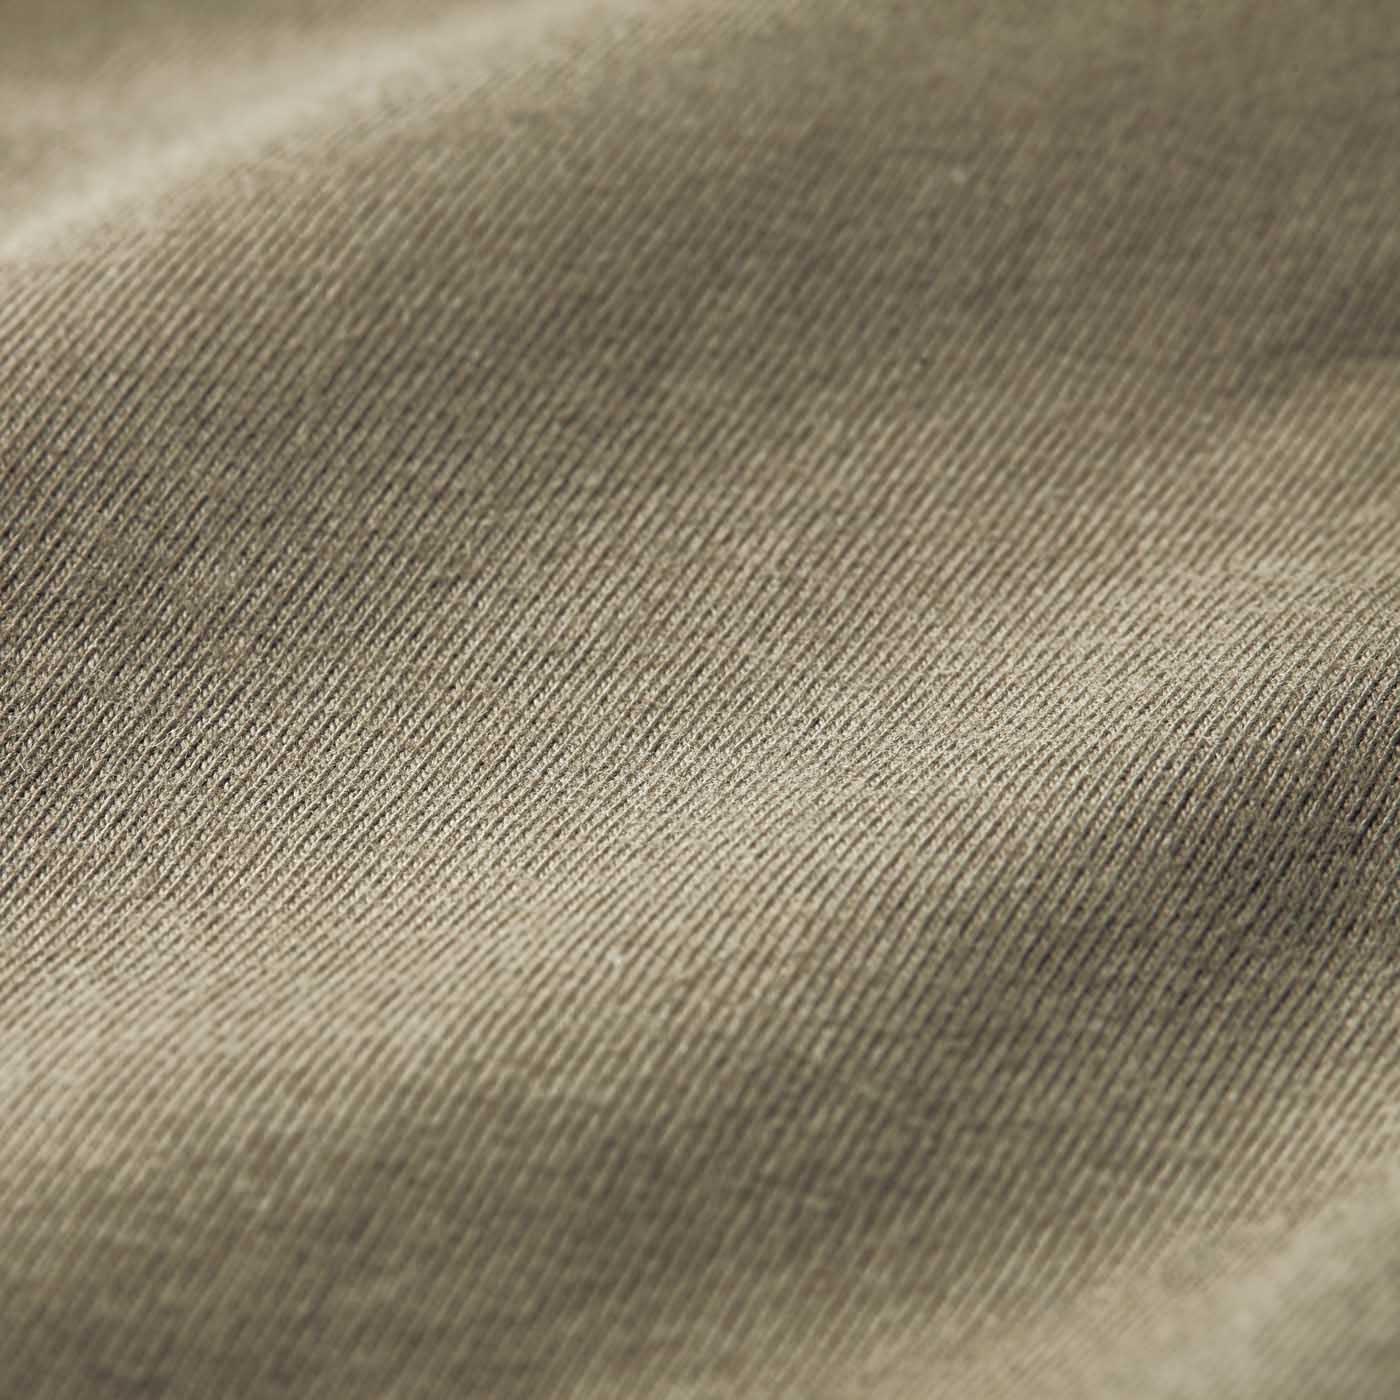 [肌側]肌に当たる部分は快適な綿100%のカットソー。